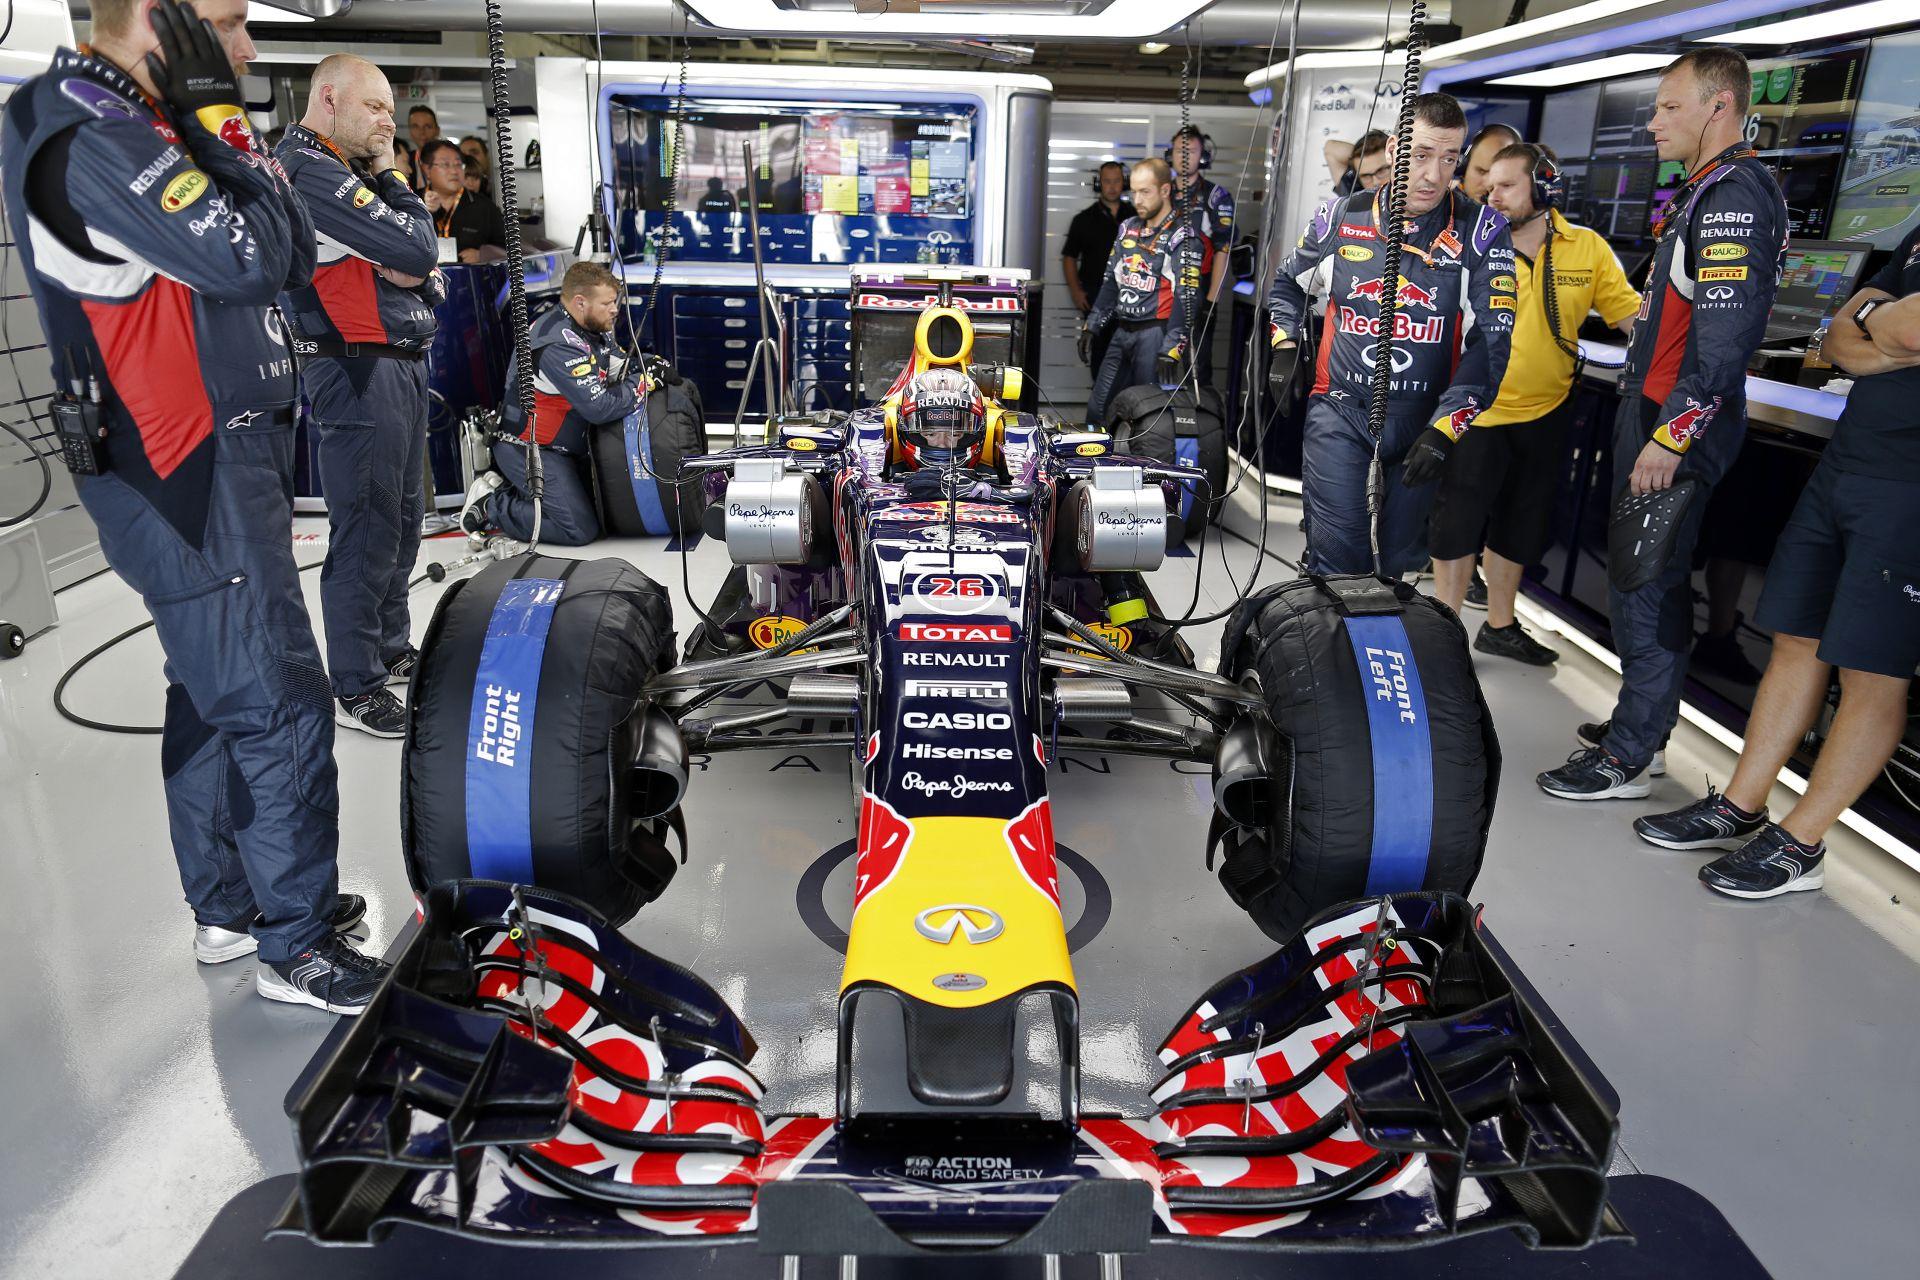 Red Bull: amint van hivatalos álláspont, beszámolunk róla!